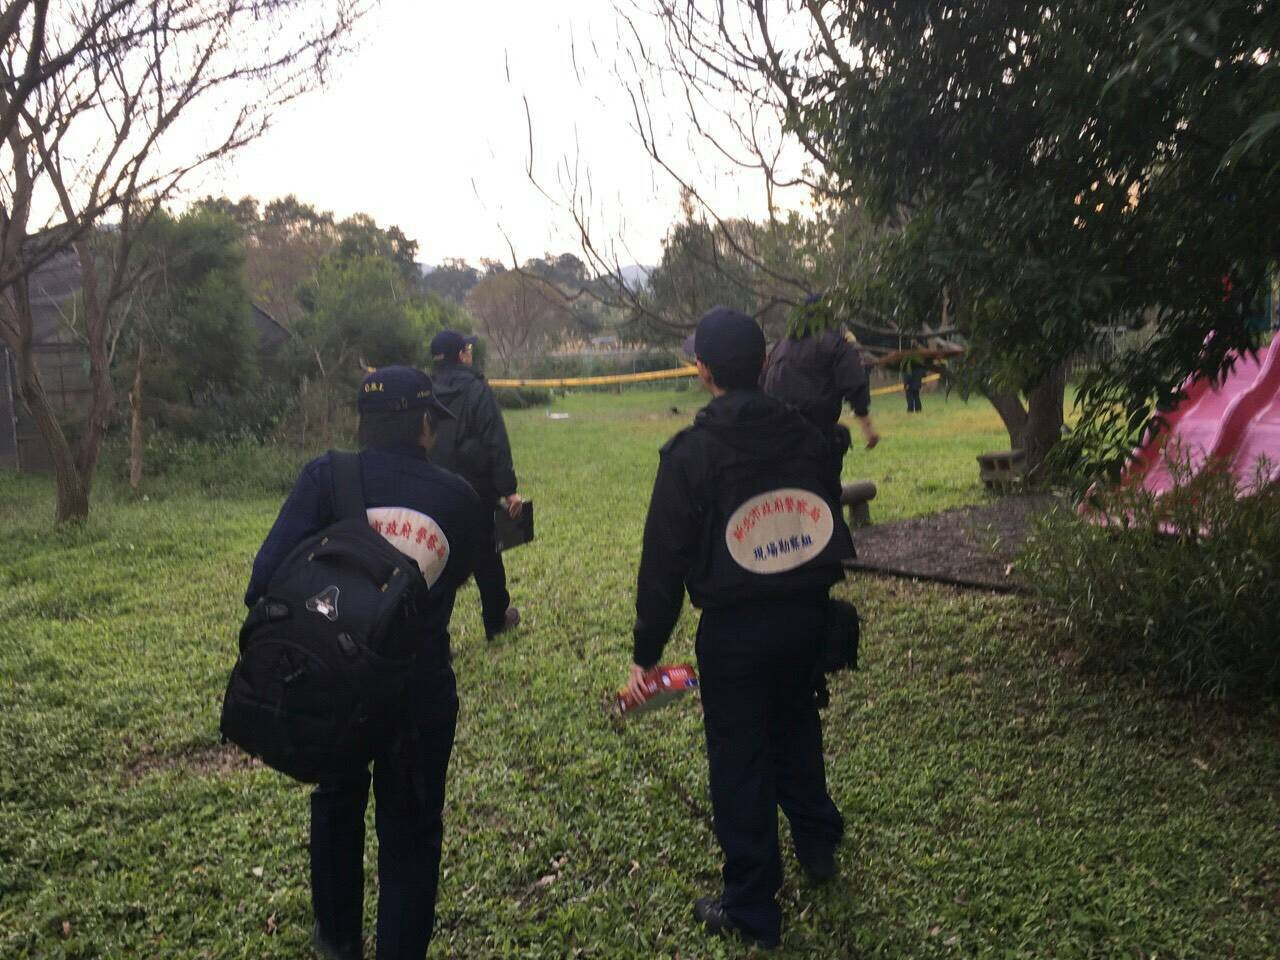 新北土城和平路軍方彈藥庫區內,27日發生安親班師生野炊意外爆炸,造成2師生受傷。(圖/記者孫曜樟翻攝)